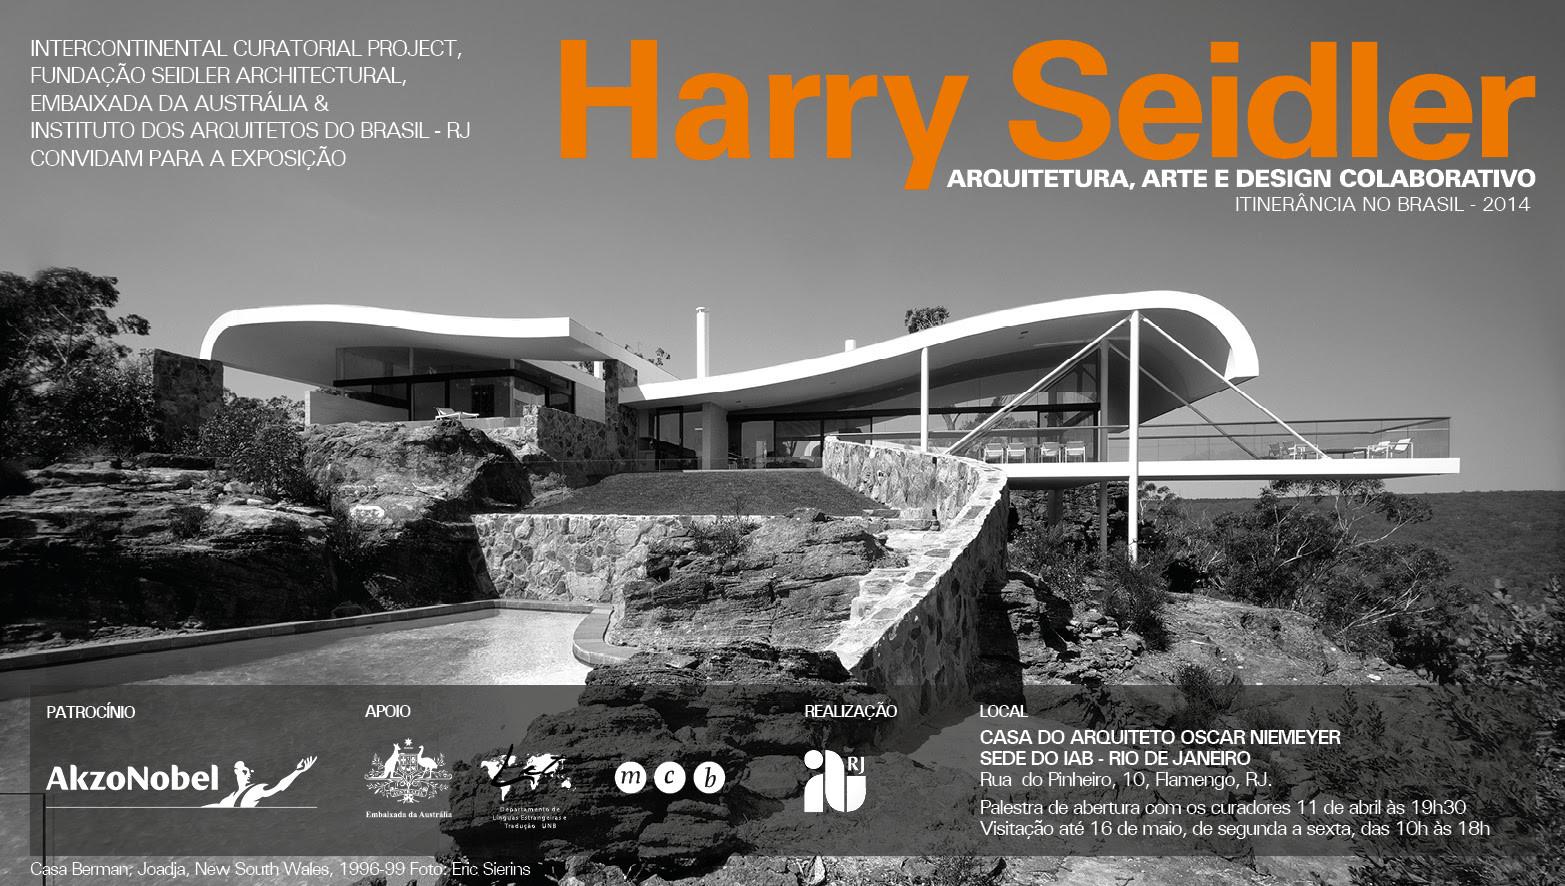 """IAB recebe exposição comemorativa dos 90 anos do arquiteto Harry Seidler - """"Arquitetura, arte e design colaborativo"""""""